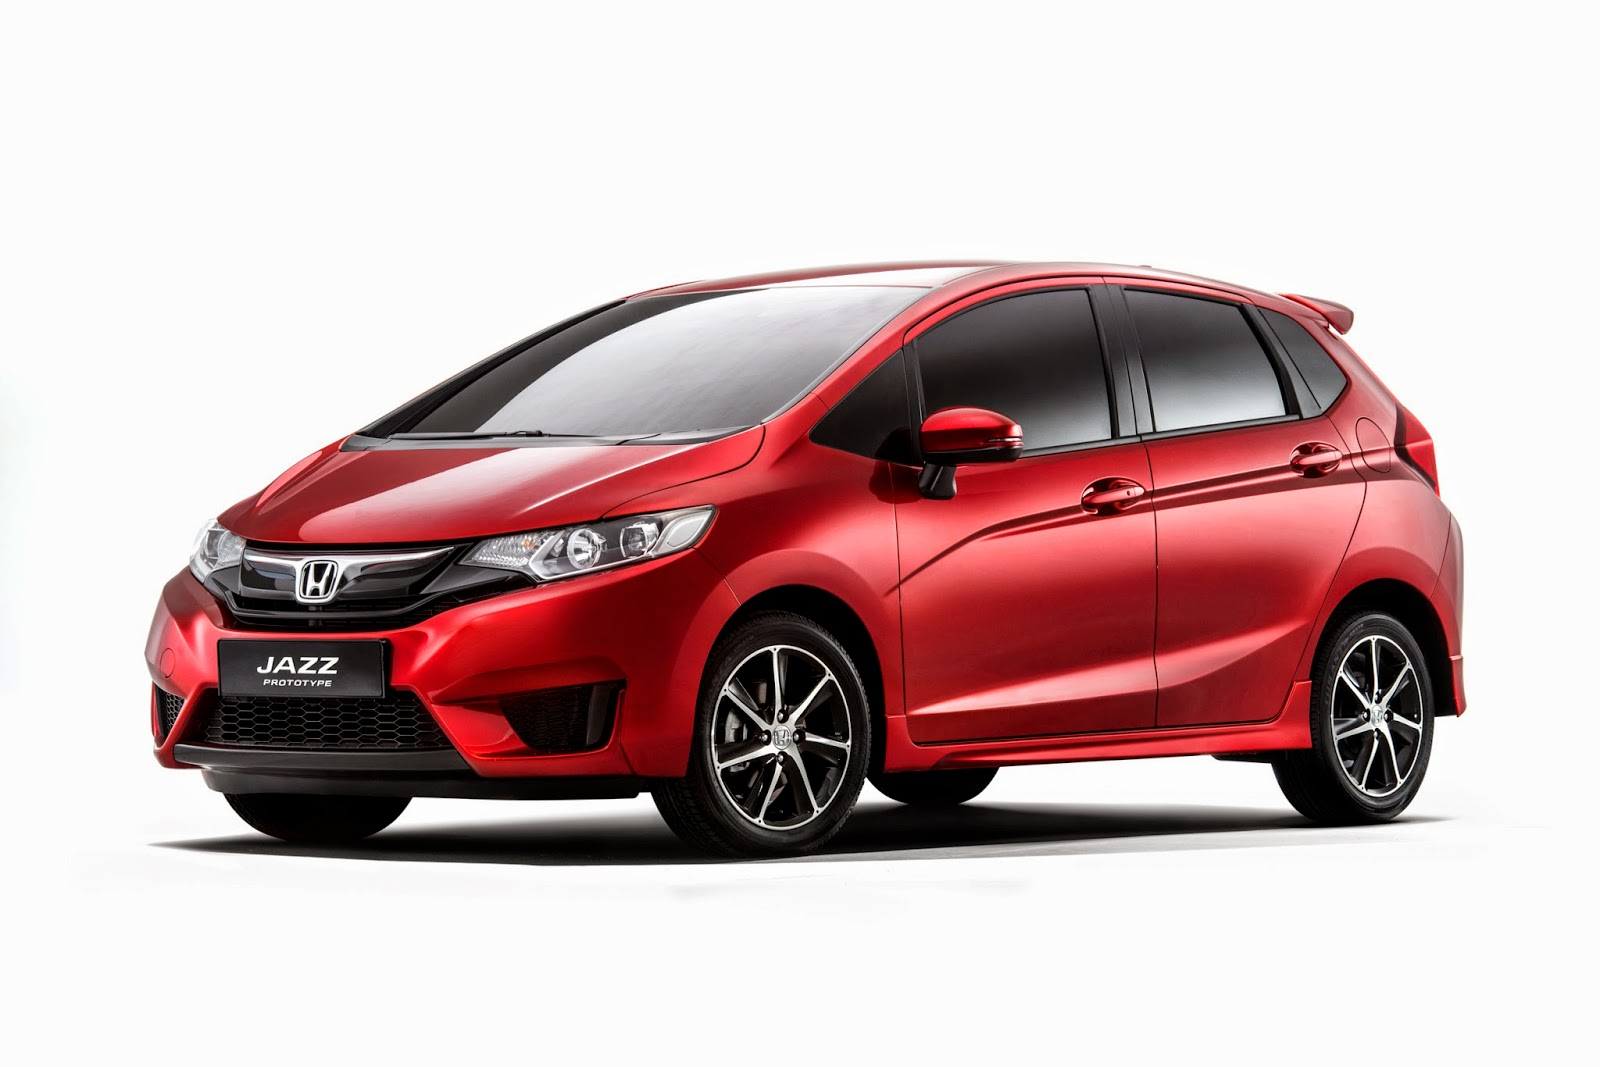 Η Honda θα παρουσιάσει το πρωτότυπο του νέου Ευρωπαϊκού Jazz στην Έκθεση Αυτοκινήτου του Παρισιού - Νέος κινητήρας 1.3 i-VTEC Earth Dreams Technology